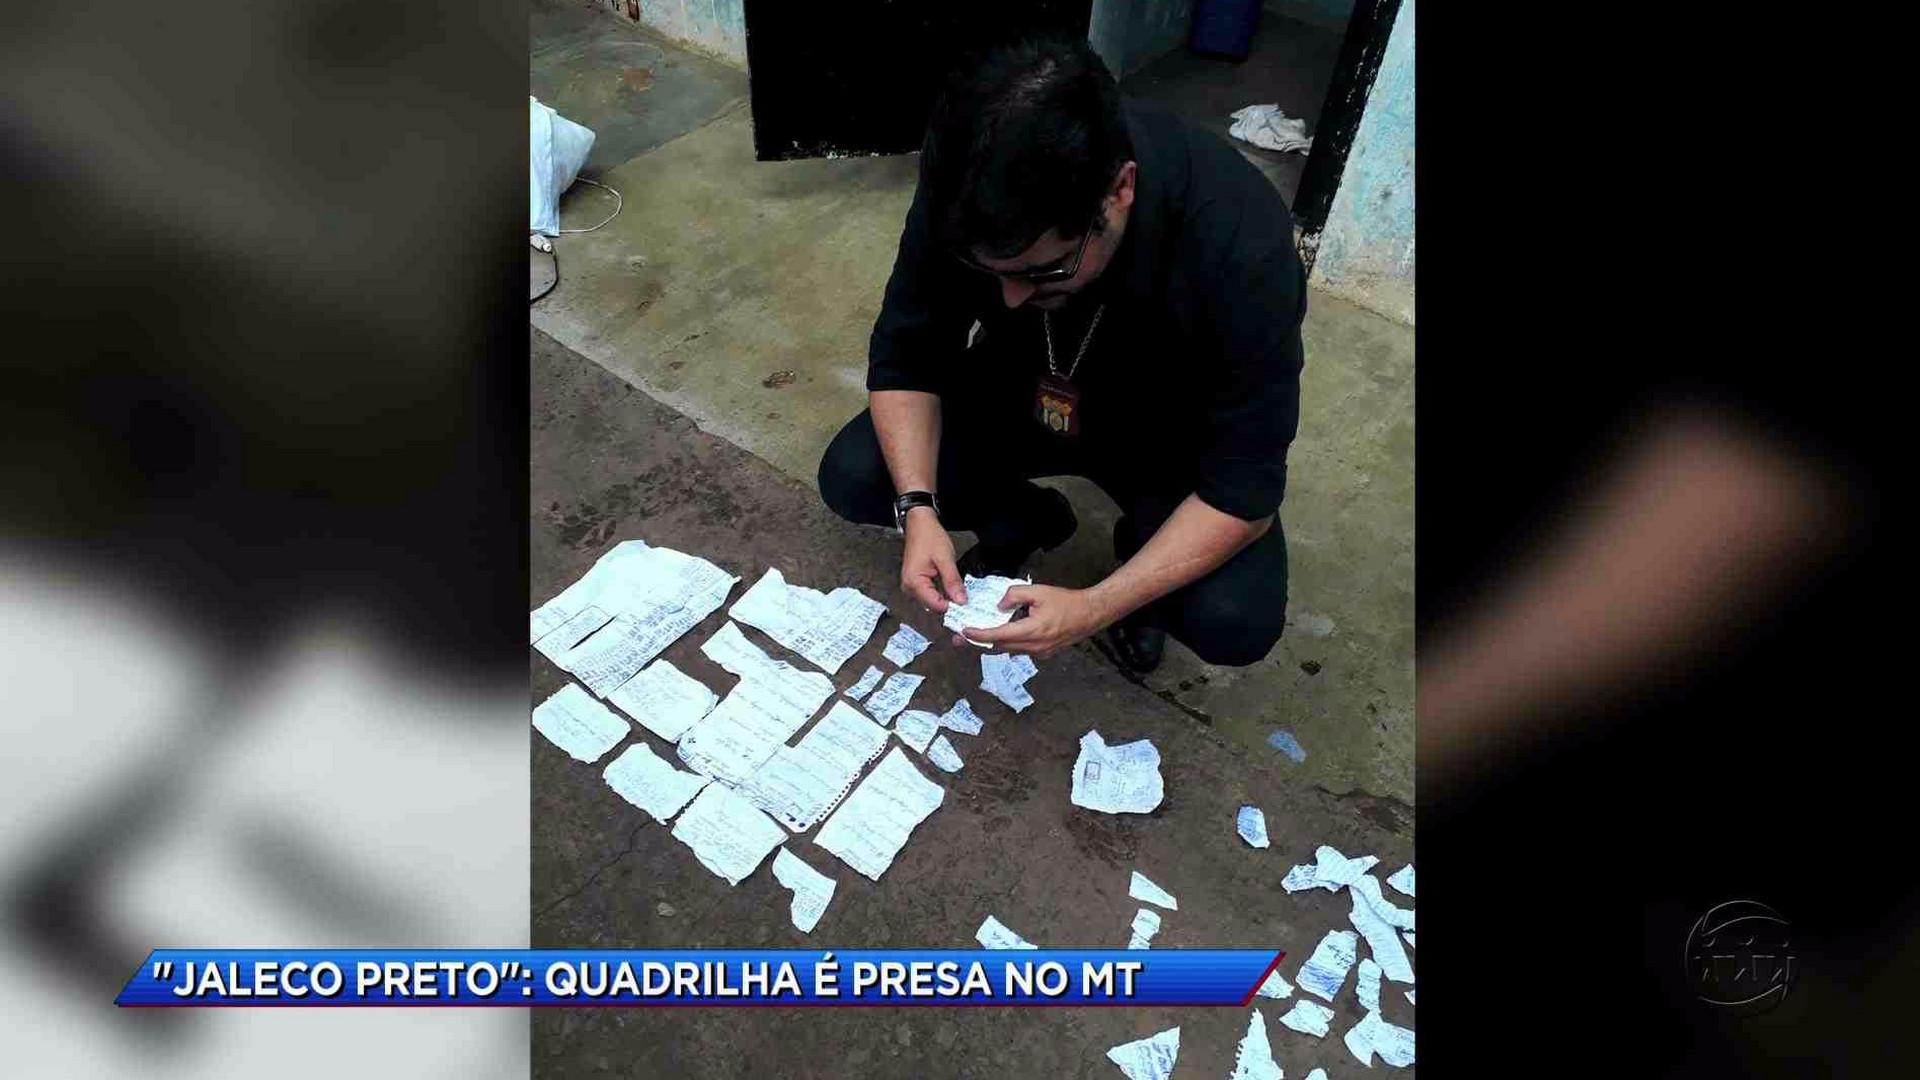 QUADRILHA DO MATO GROSSO É PRESA POR APLICAR GOLPES NO AMAZONAS - Cidade Alerta Manaus 23/11/17 - A Crítica na TV 24/11/2017